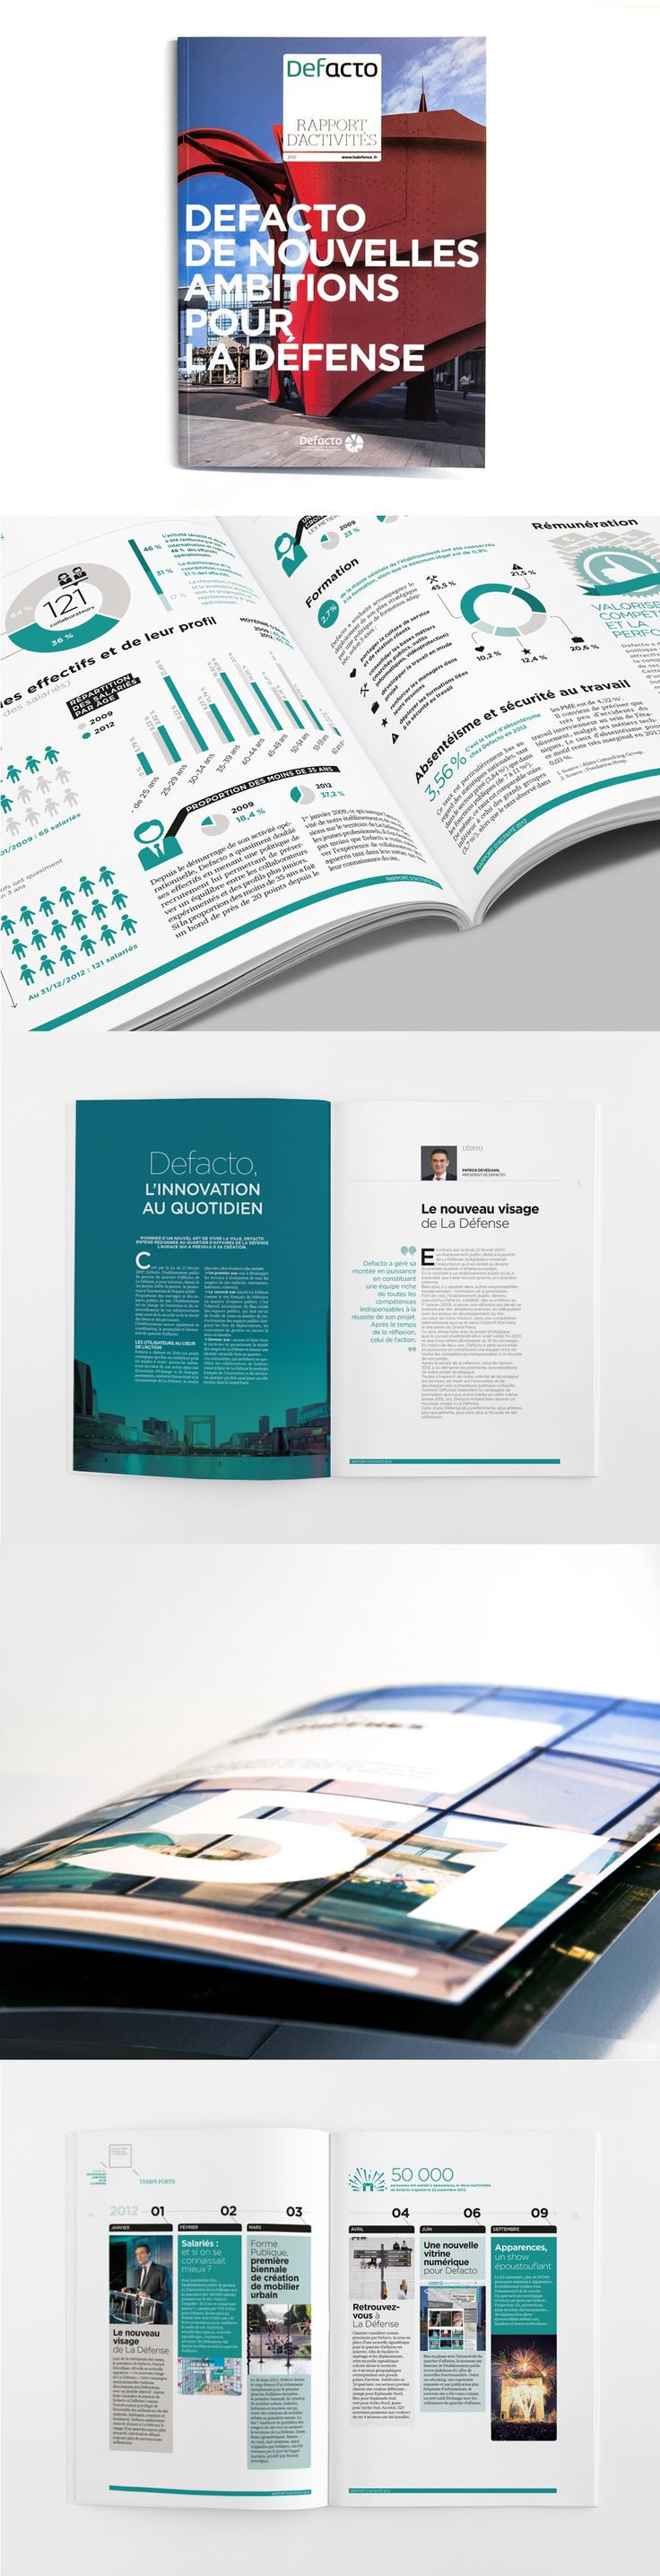 Rapport d'activité Defacto 2012 - Defacto, l'innovation au quotidien / Agence…